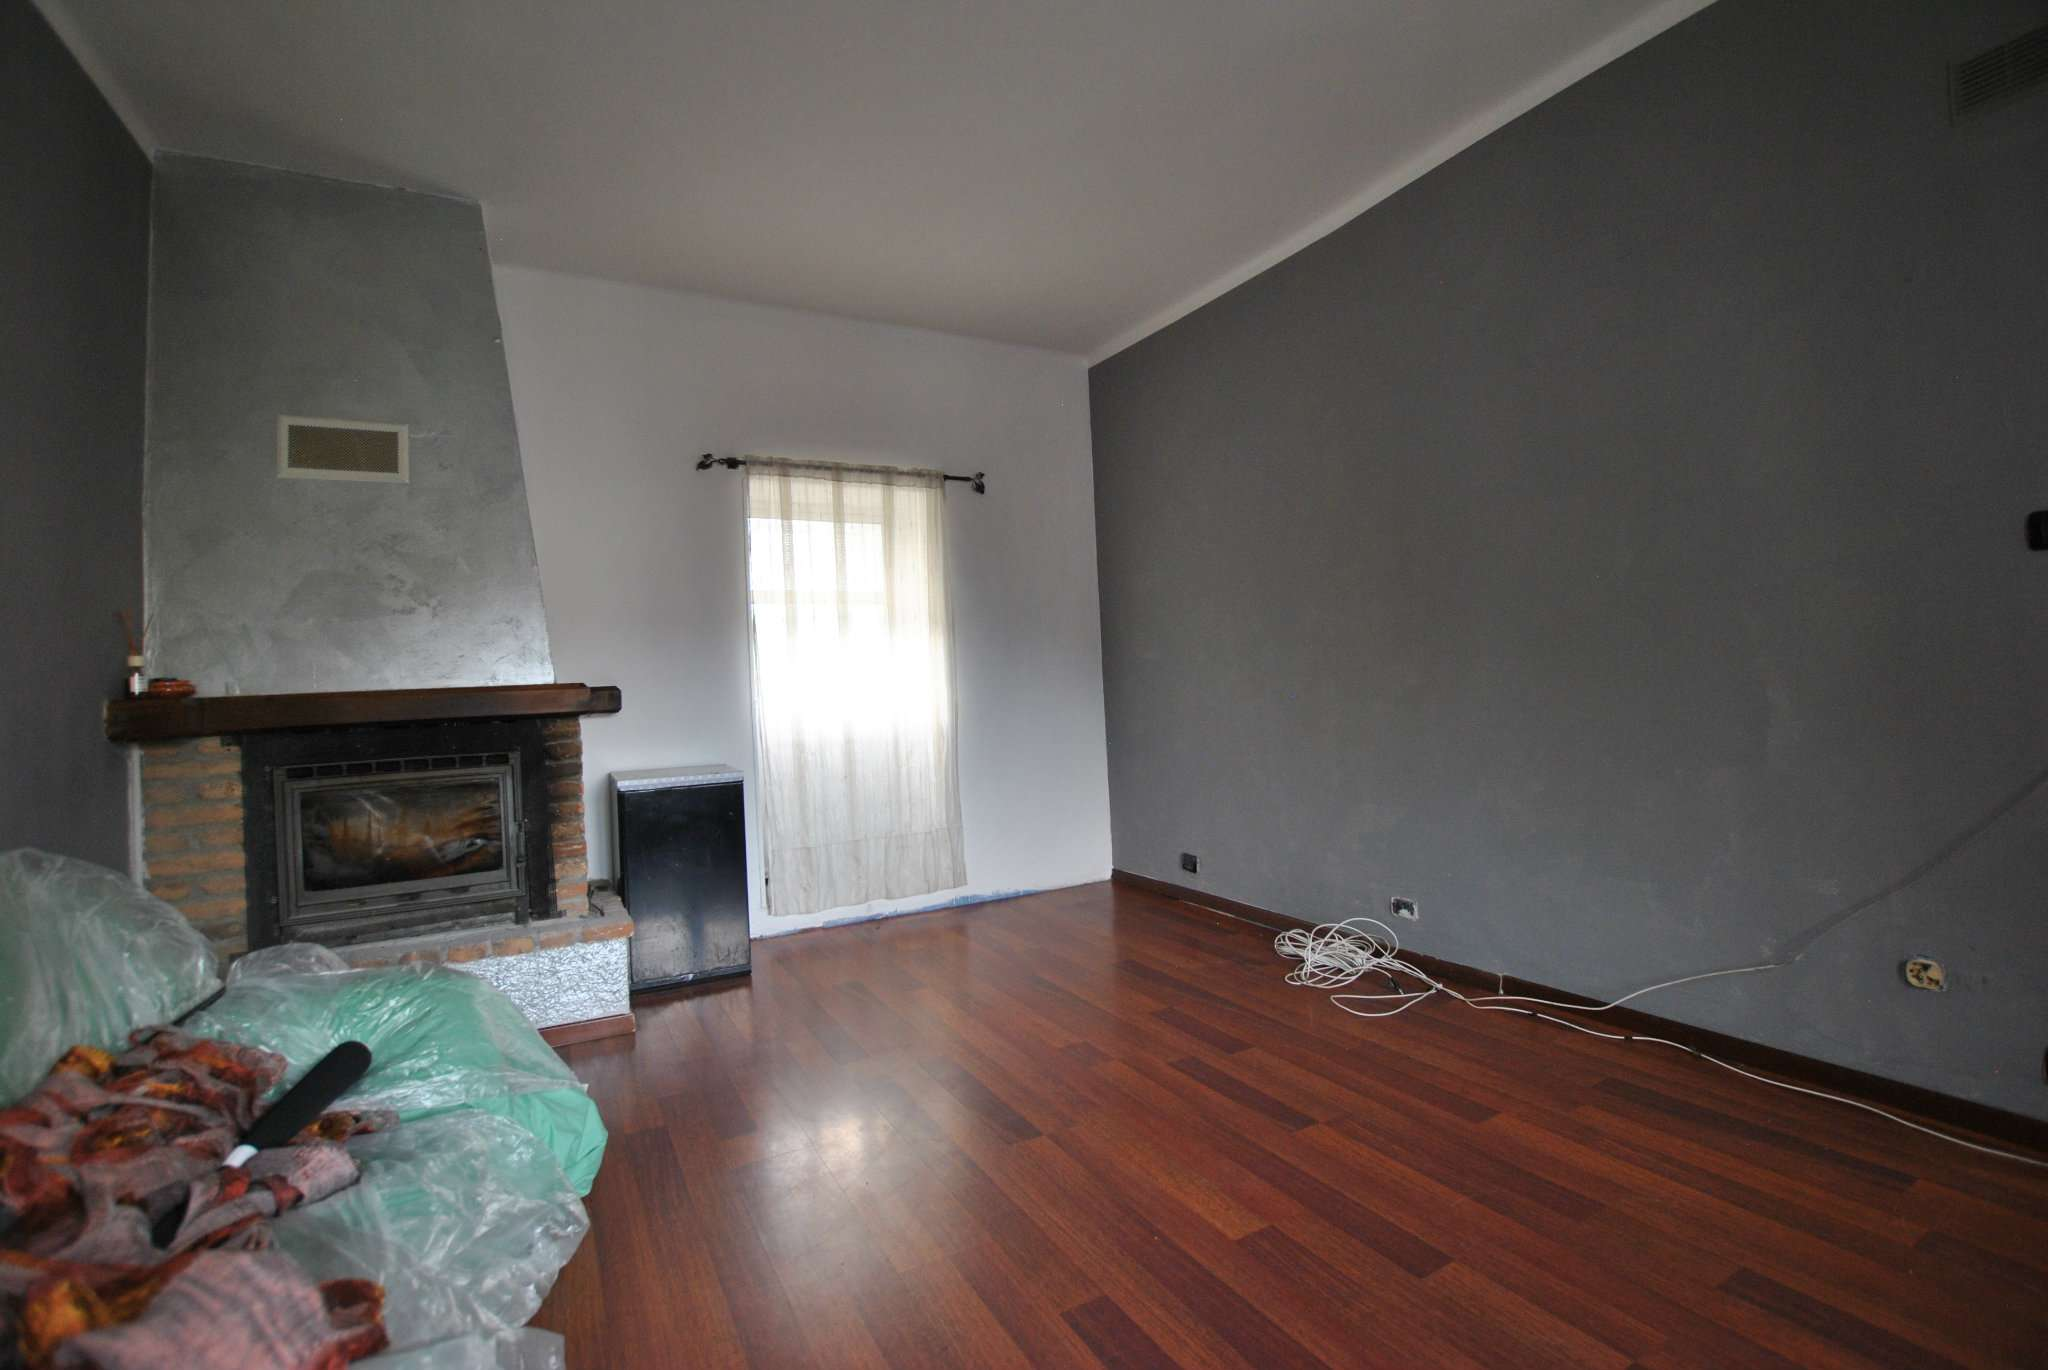 Appartamento in vendita a Mompantero, 3 locali, prezzo € 65.000   PortaleAgenzieImmobiliari.it